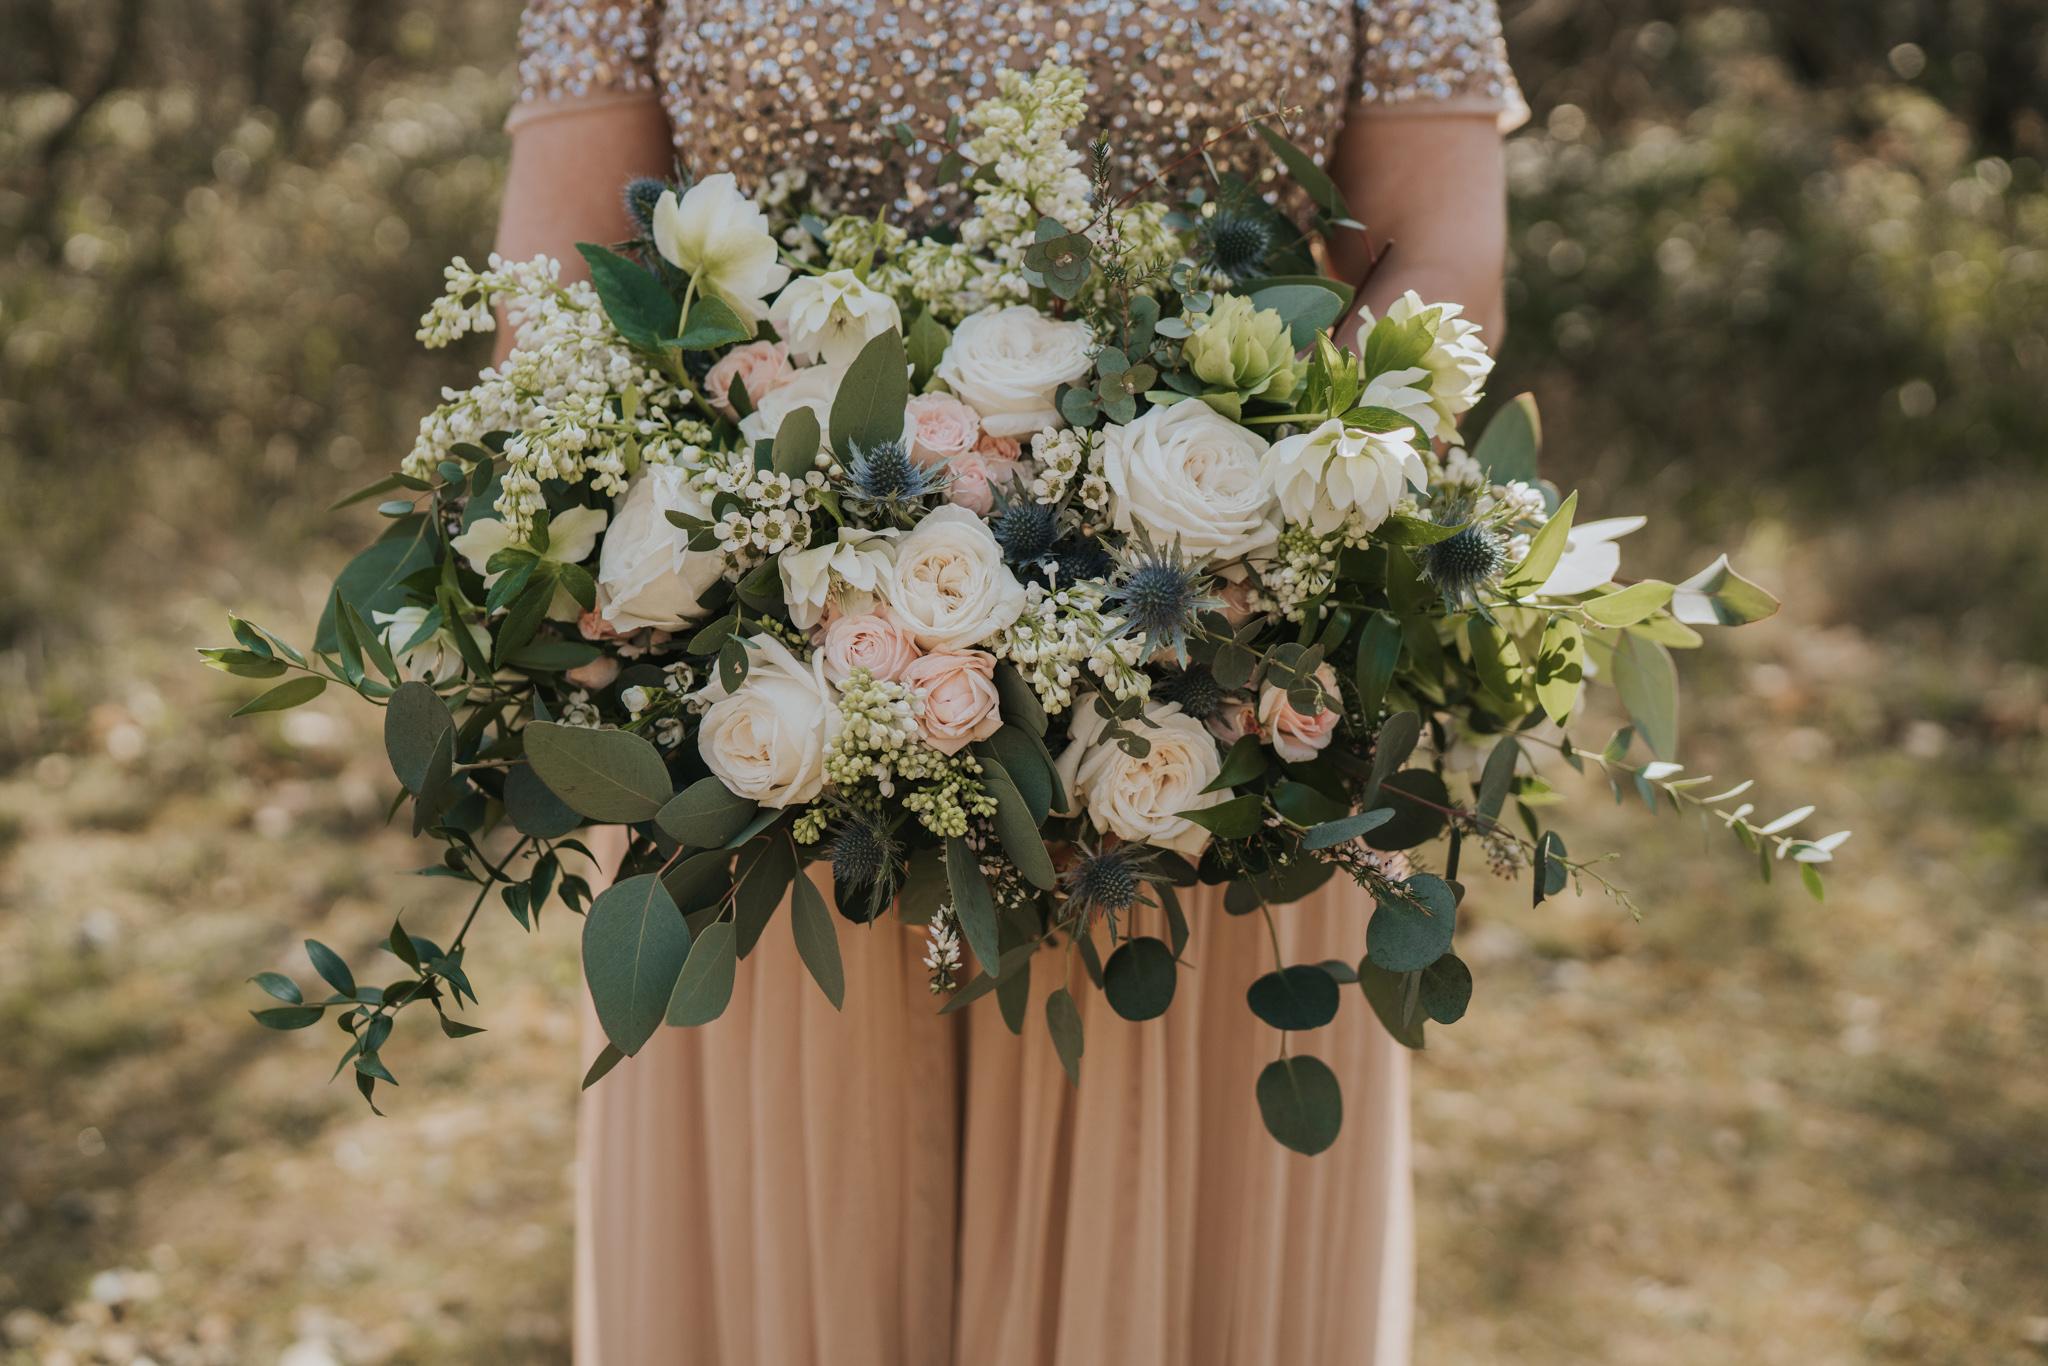 yuliya-yafith-colchester-essex-woodland-elopement-alternative-wedding-photographer-grace-elizabeth-essex-suffolk-norfolk-devon (22 of 40).jpg